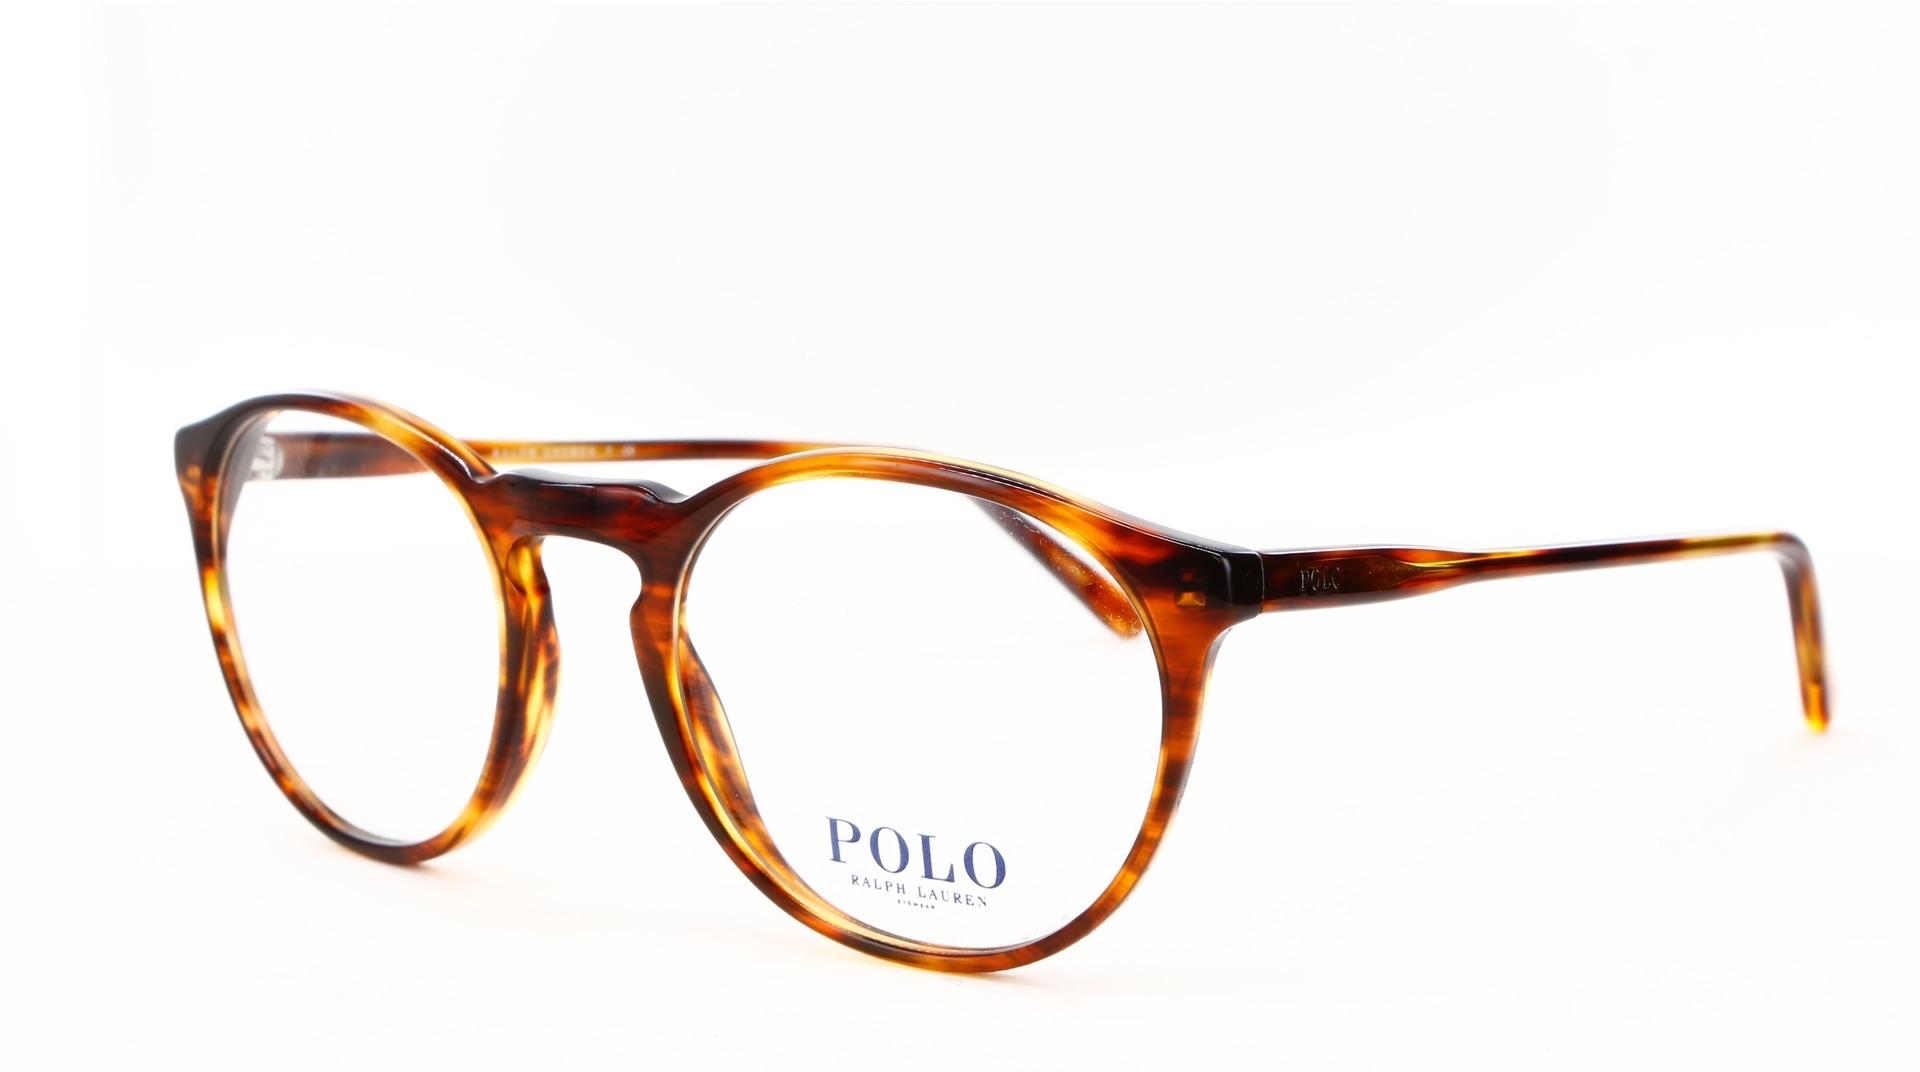 Polo Ralph Lauren - ref: 78635